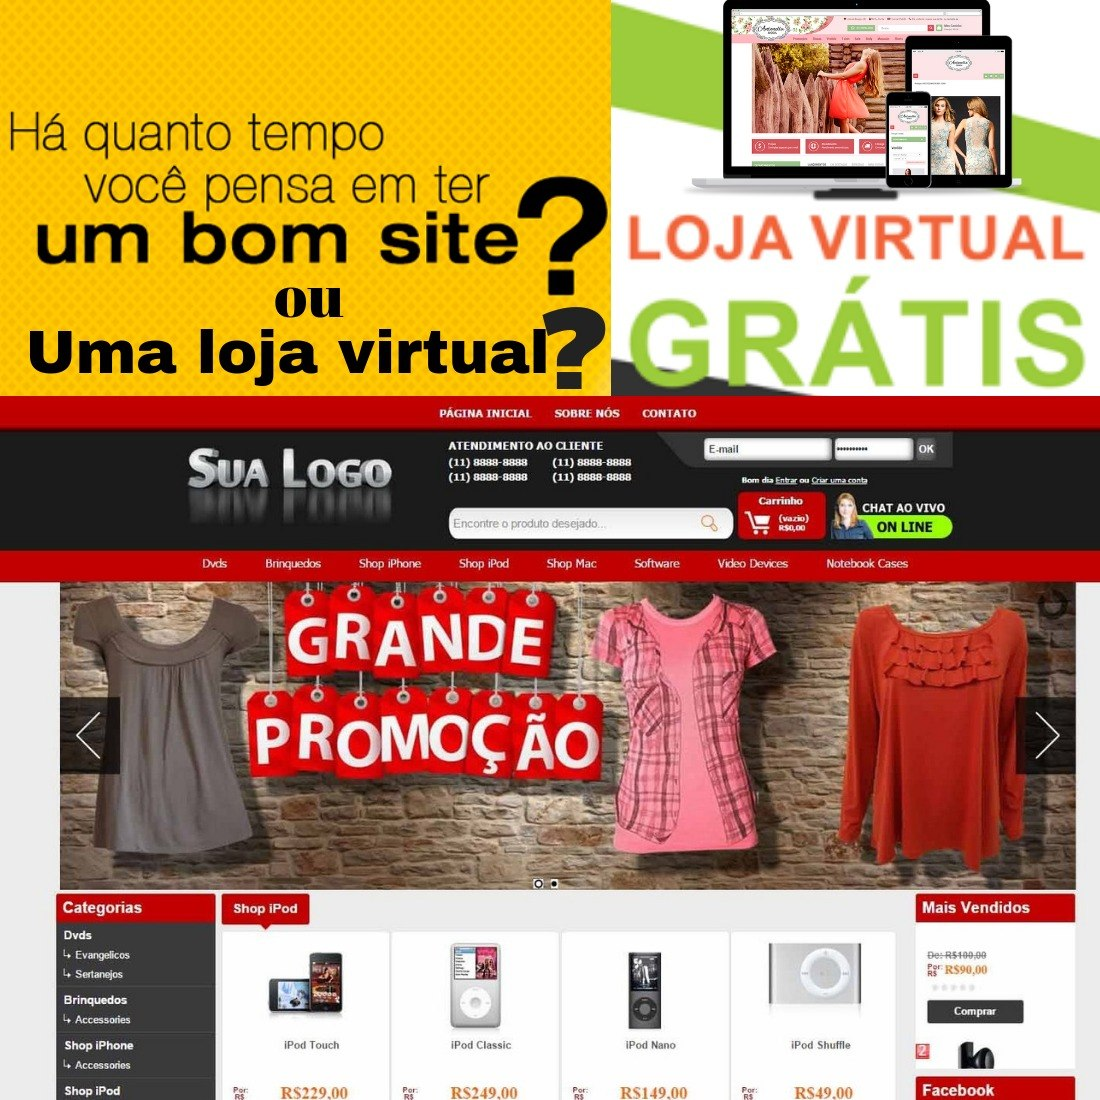 fa0ff6e46 montar ou criar loja virtual grátis s  menssalidades sites. Carregando zoom.